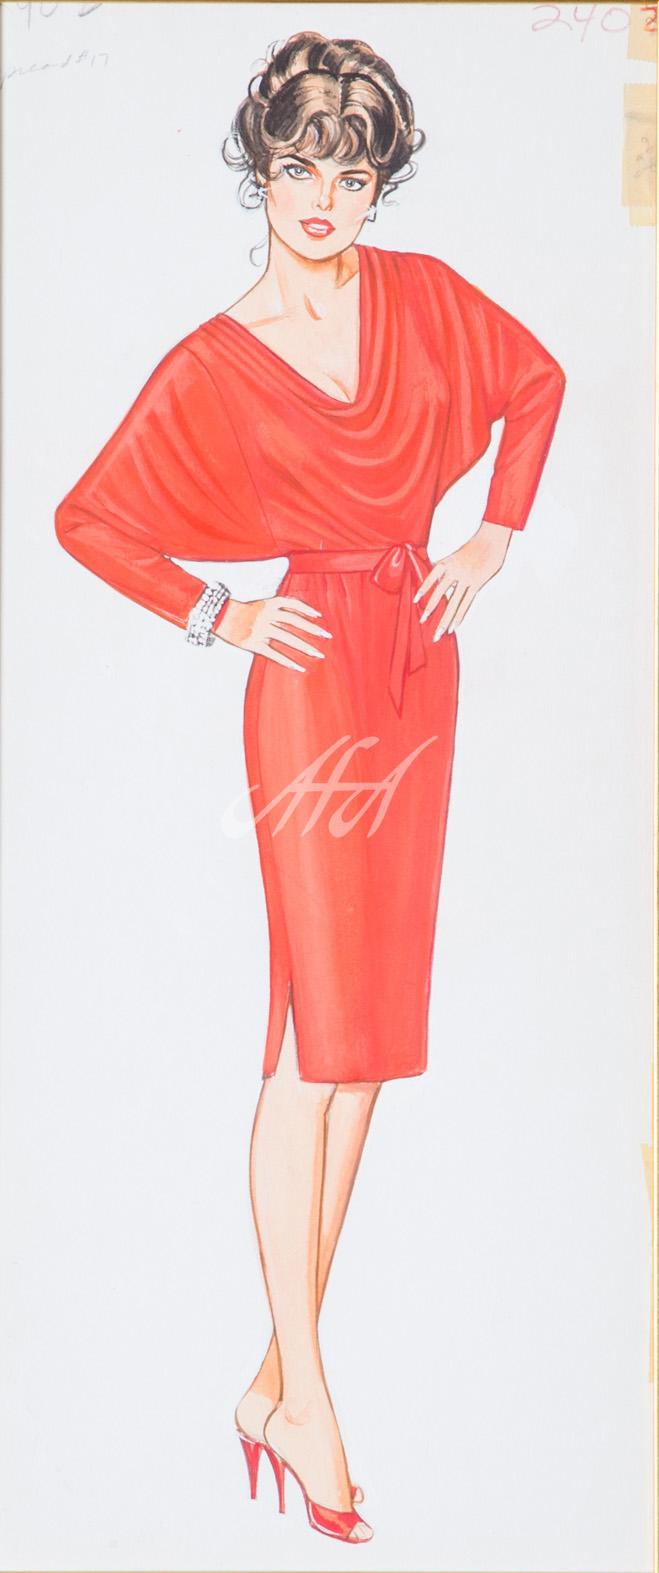 HCFM_Mellinger_di3983_reddress_framed LoRes watermark.jpg